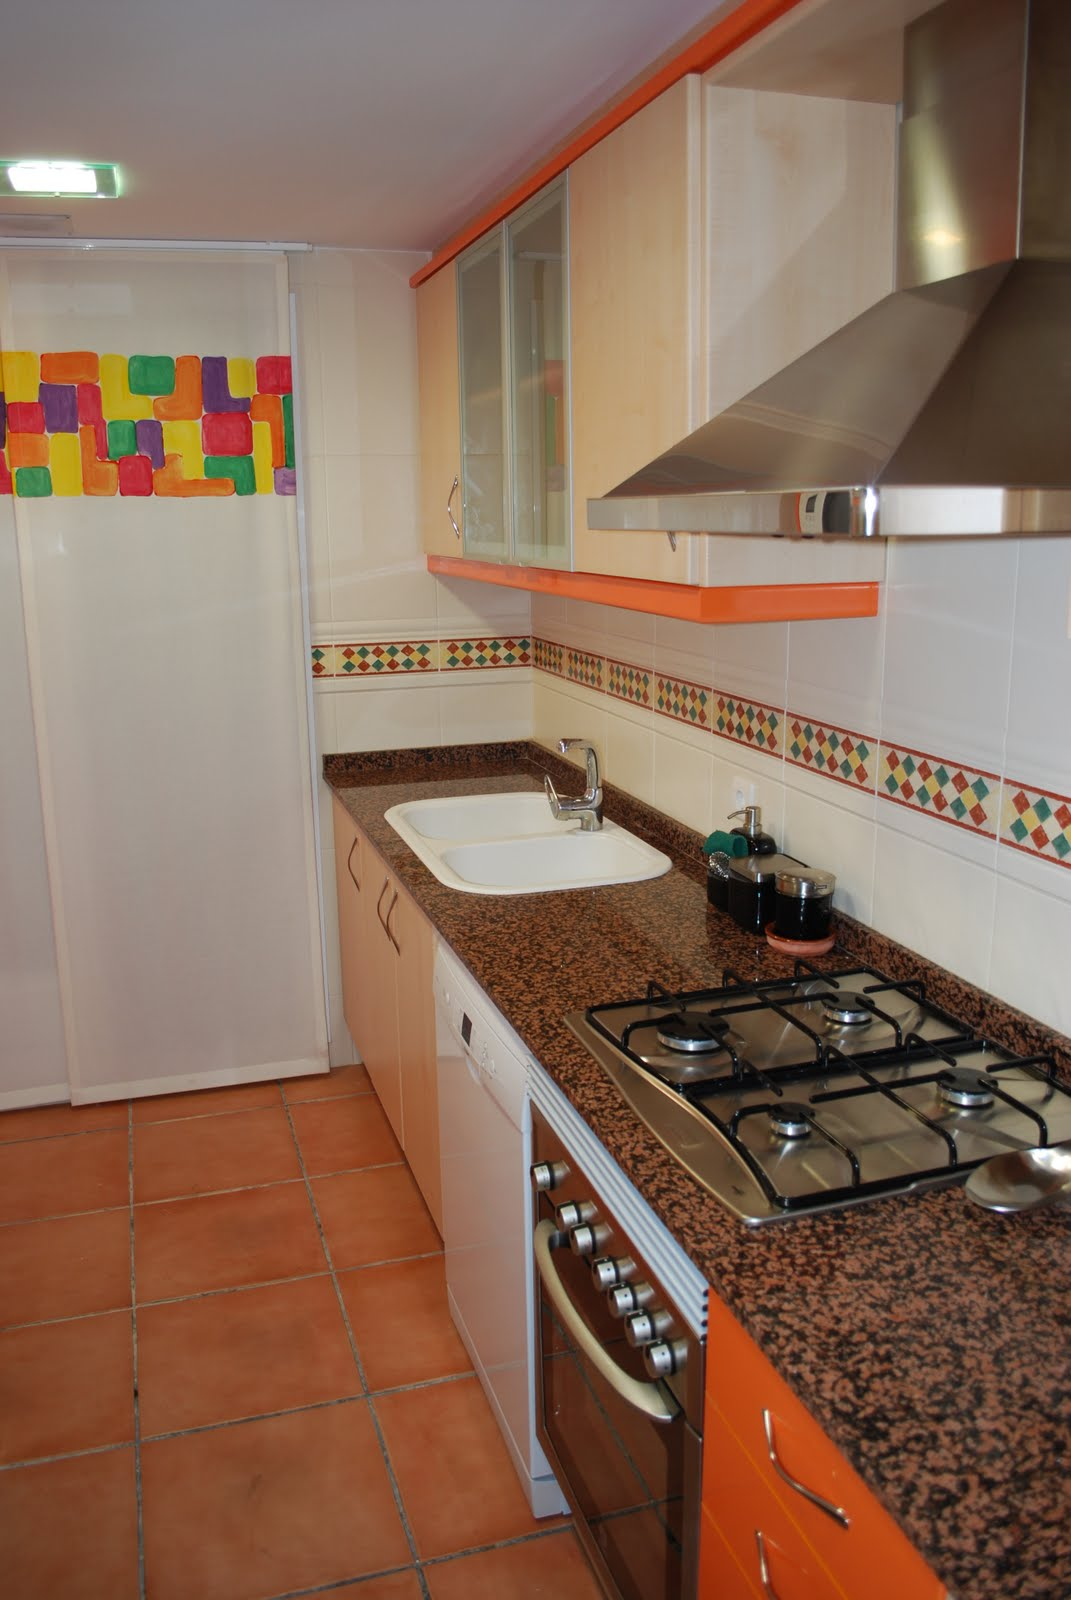 Decoraciones sahuquillo ampliacion muebles cocina for Ampliacion de cocina comedor